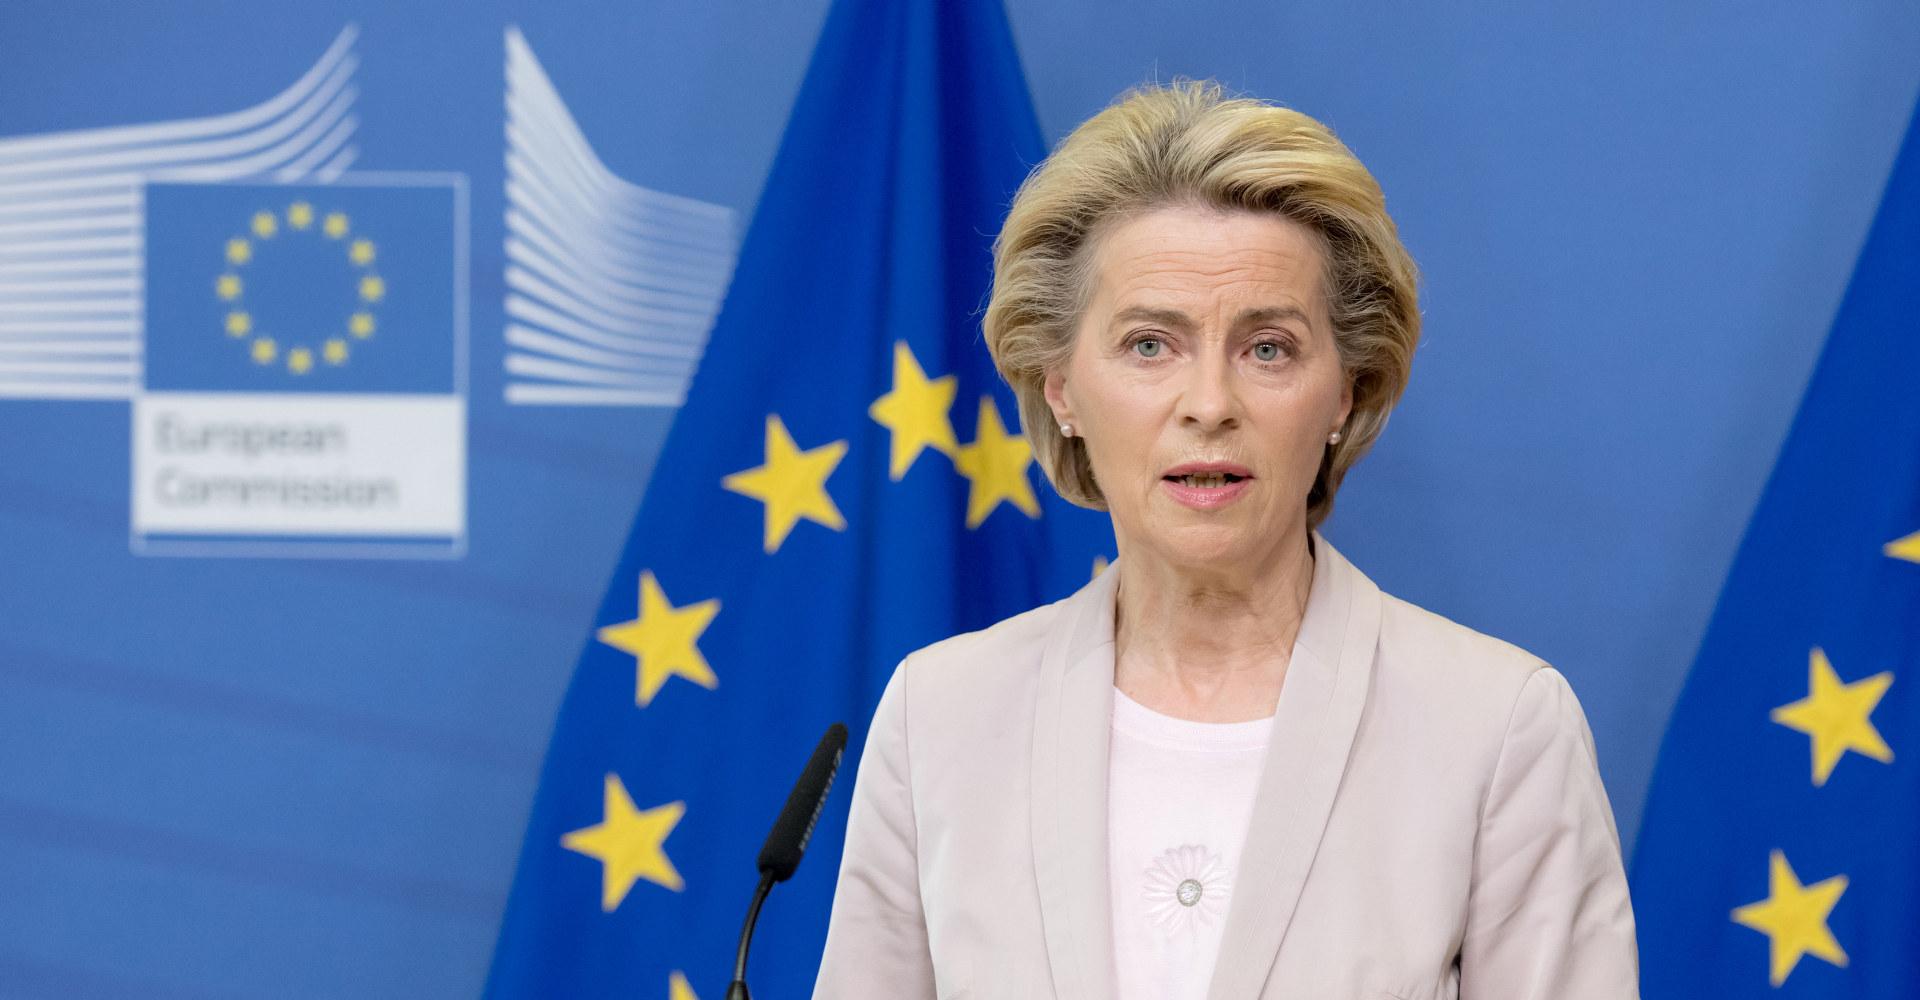 Europa-kommisjonens president Ursula van der Leyen